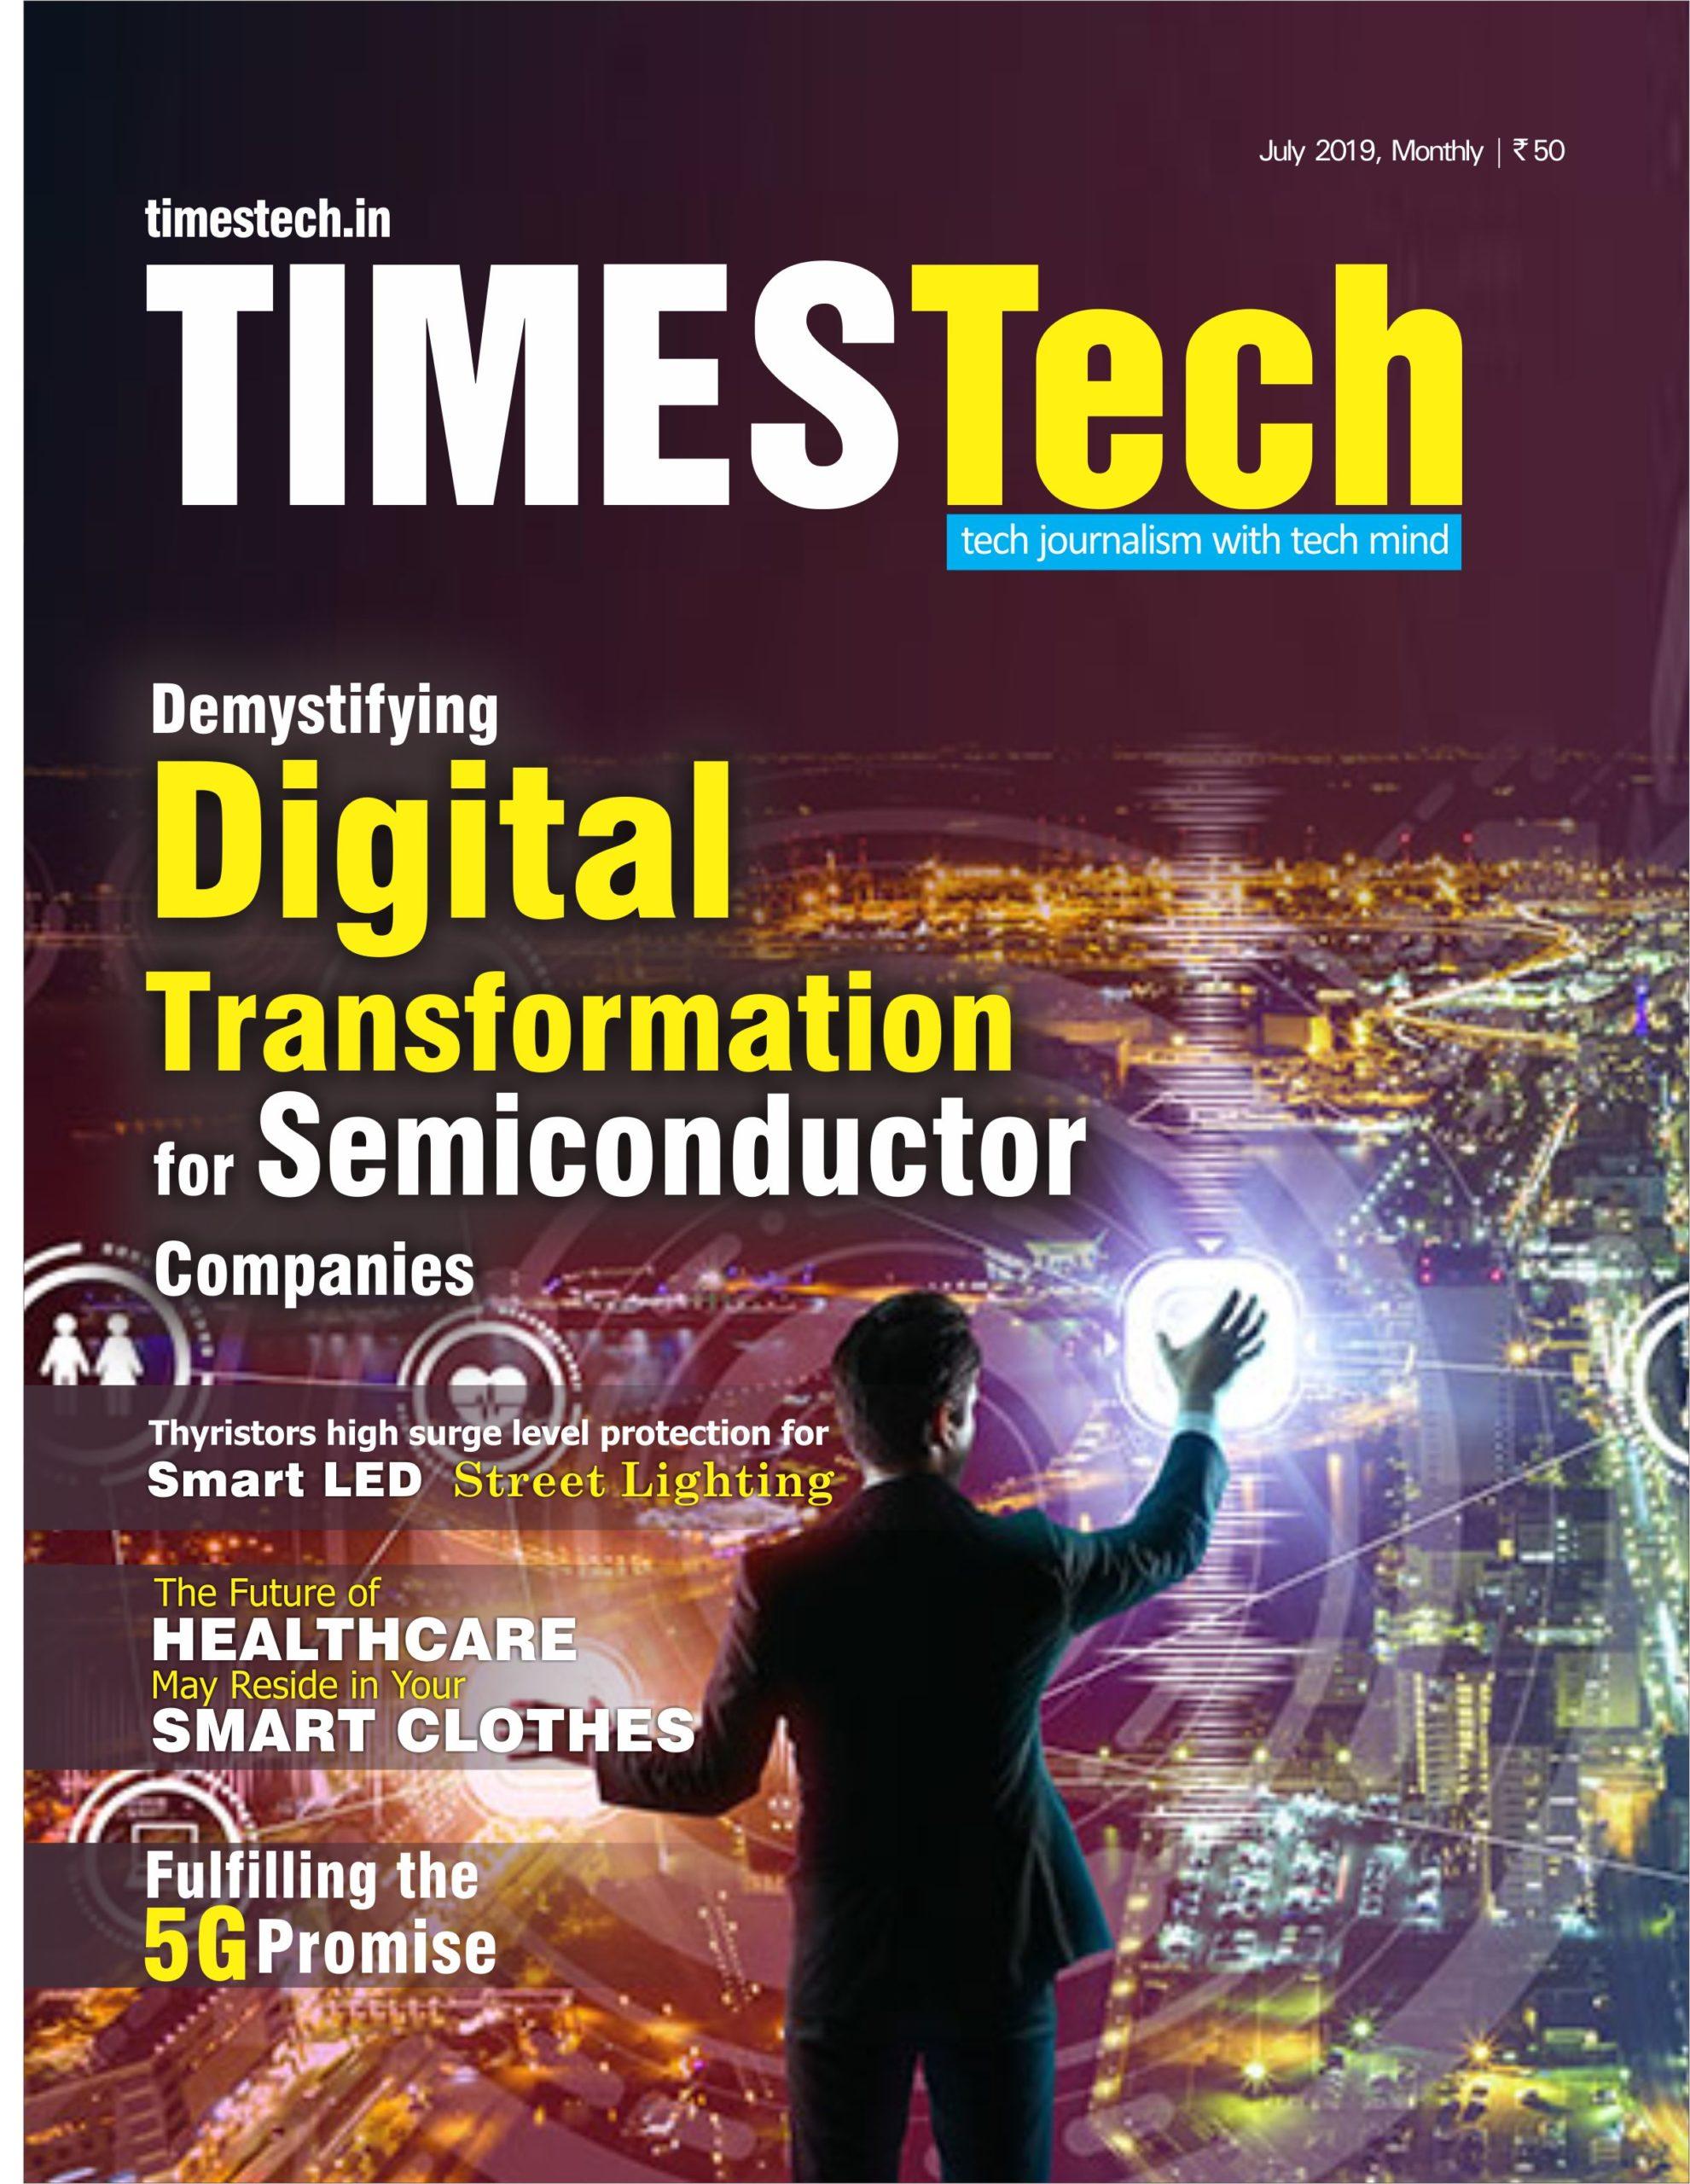 TimesTech July 2019